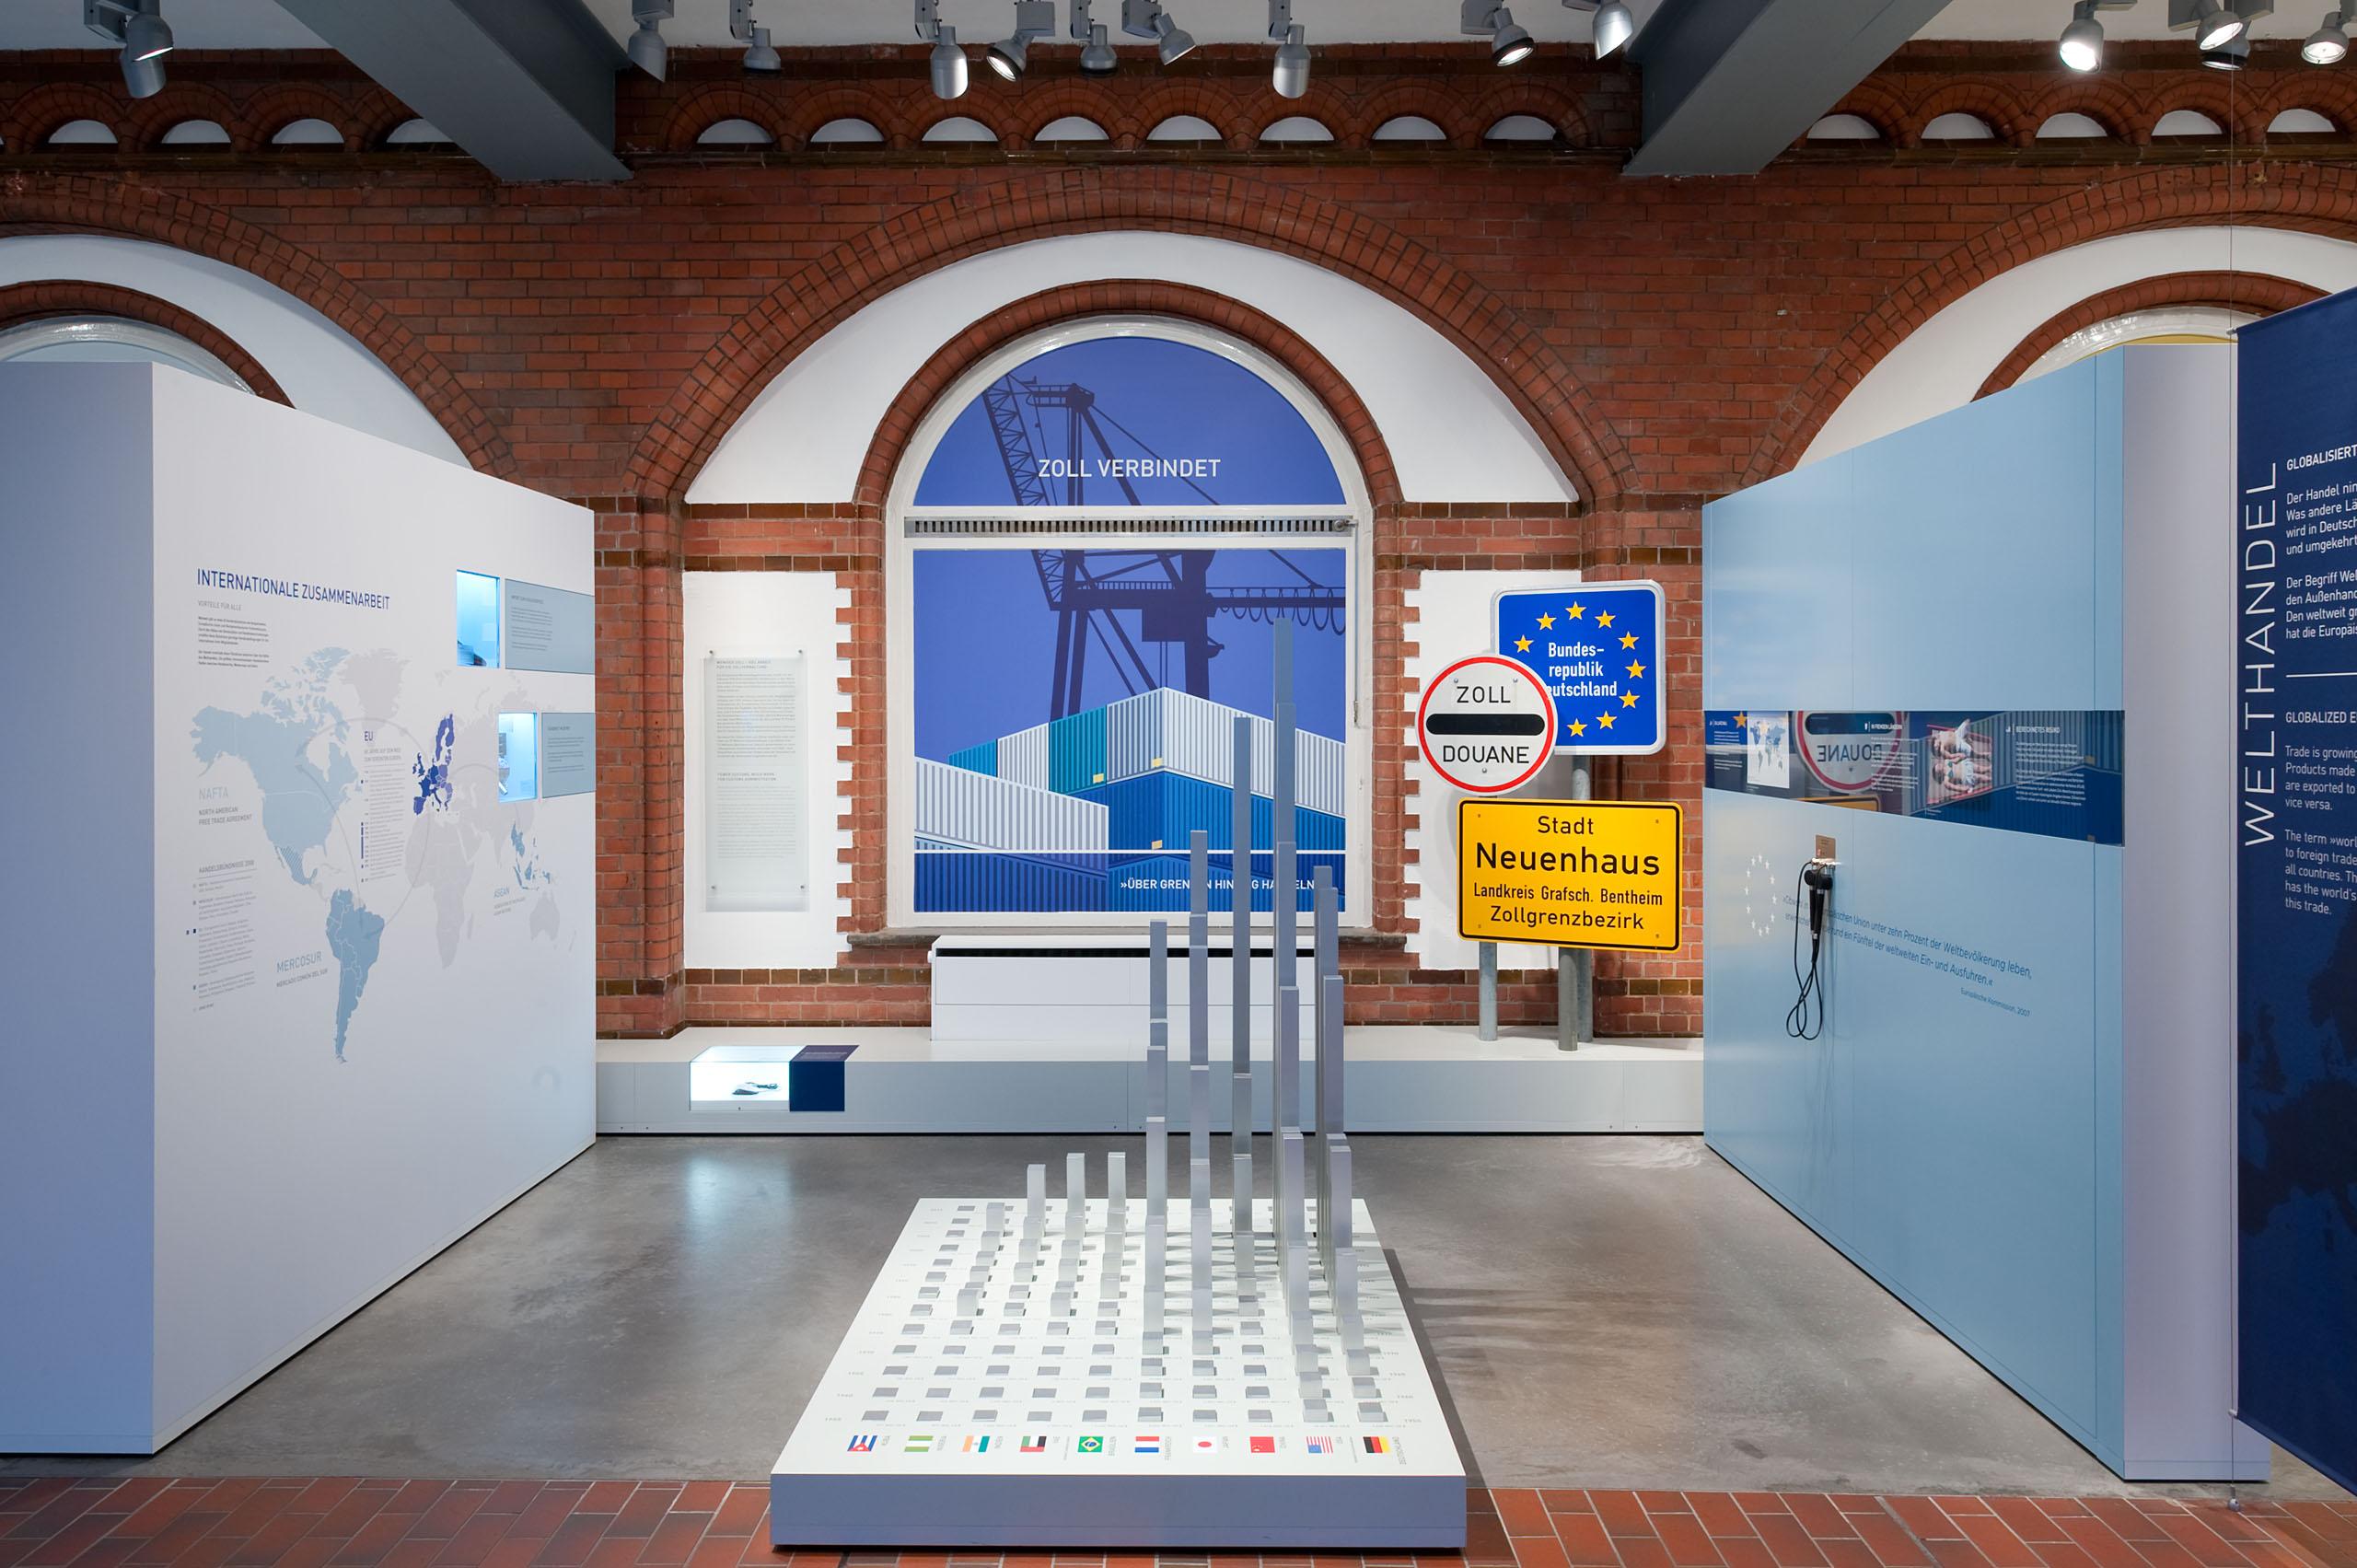 Buch Deutsches Zollmuseum Hamburgttrust_portfolio